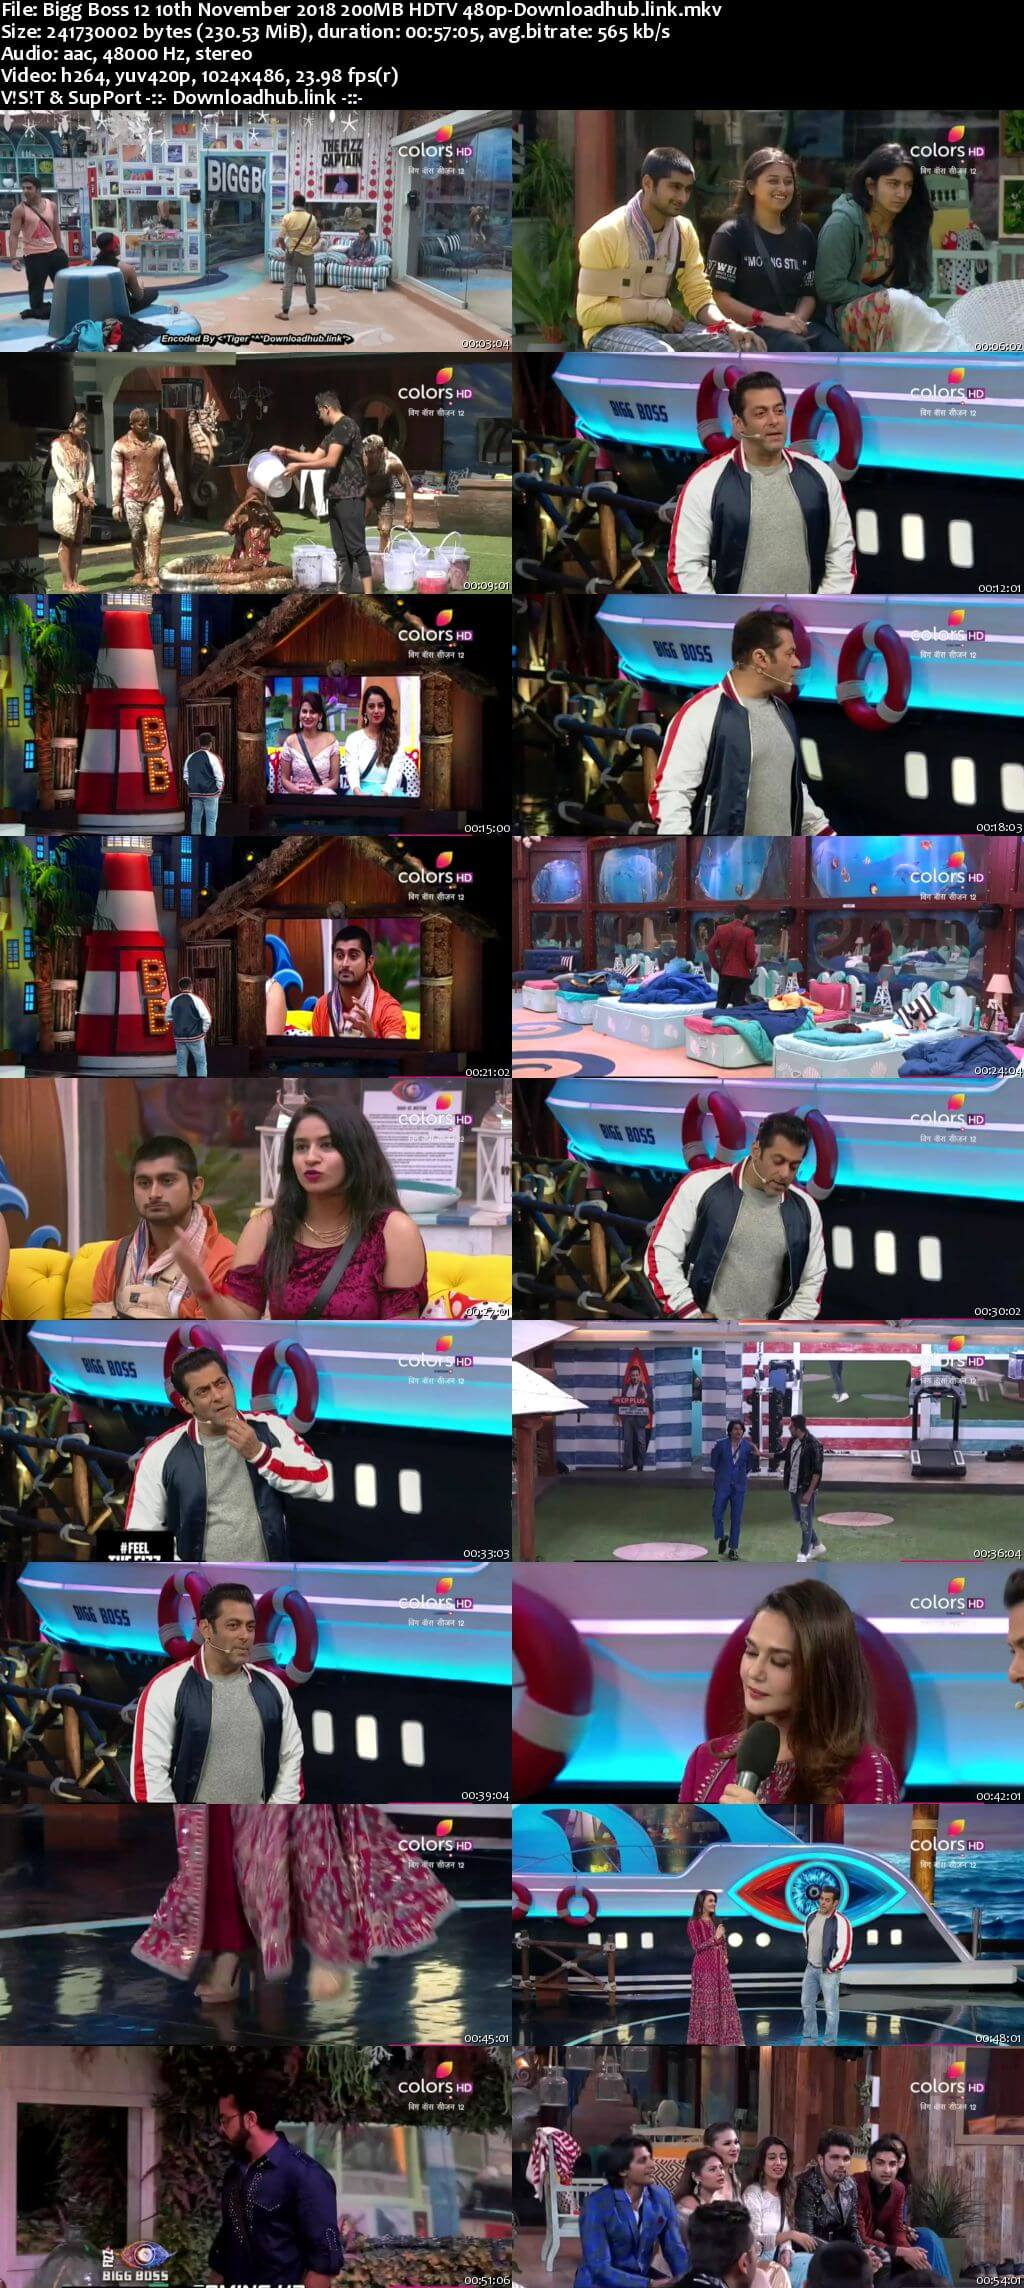 Bigg Boss 12 10 November 2018 Episode 55 HDTV 480p